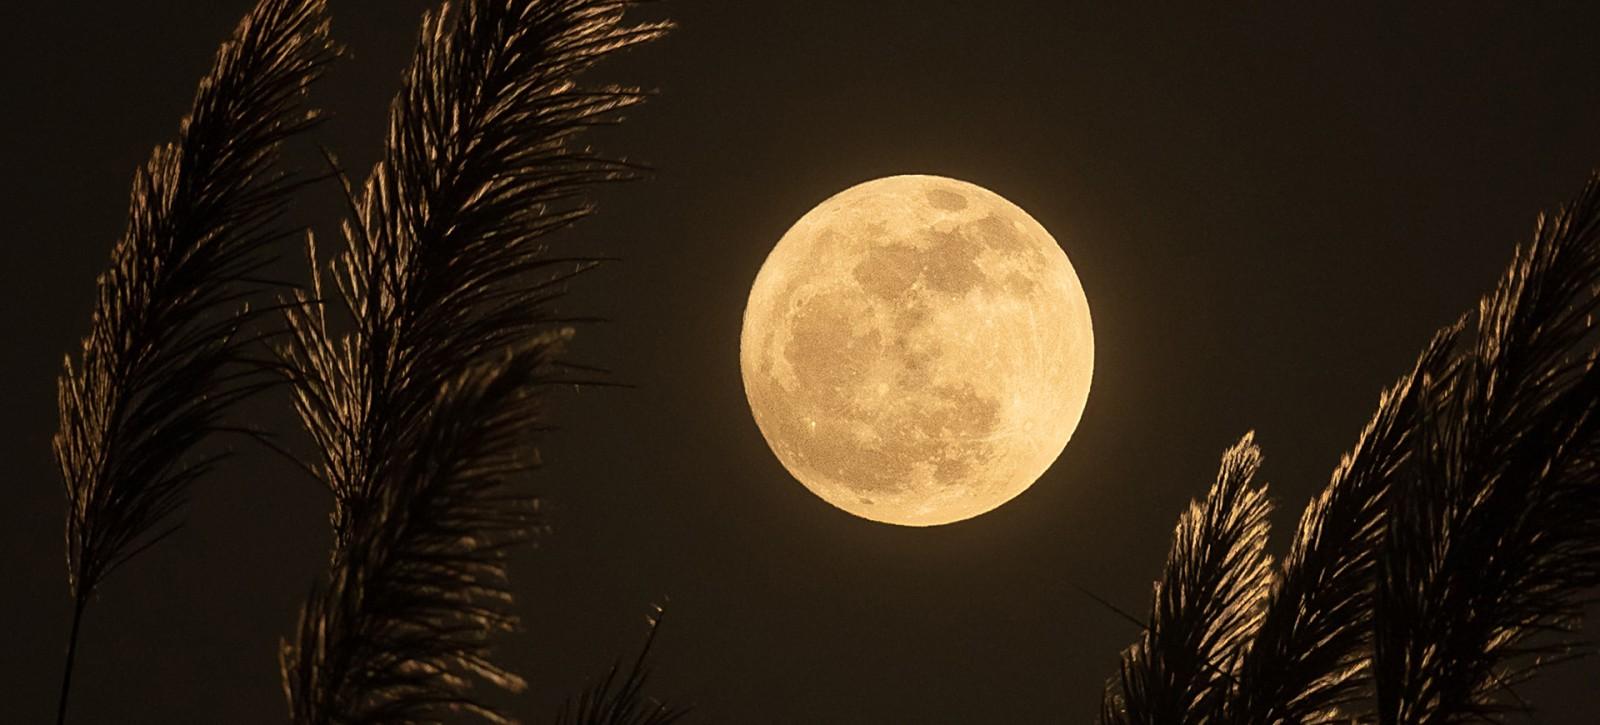 09_UTWORY__William Blake__Wyspa na Księżycu (2)